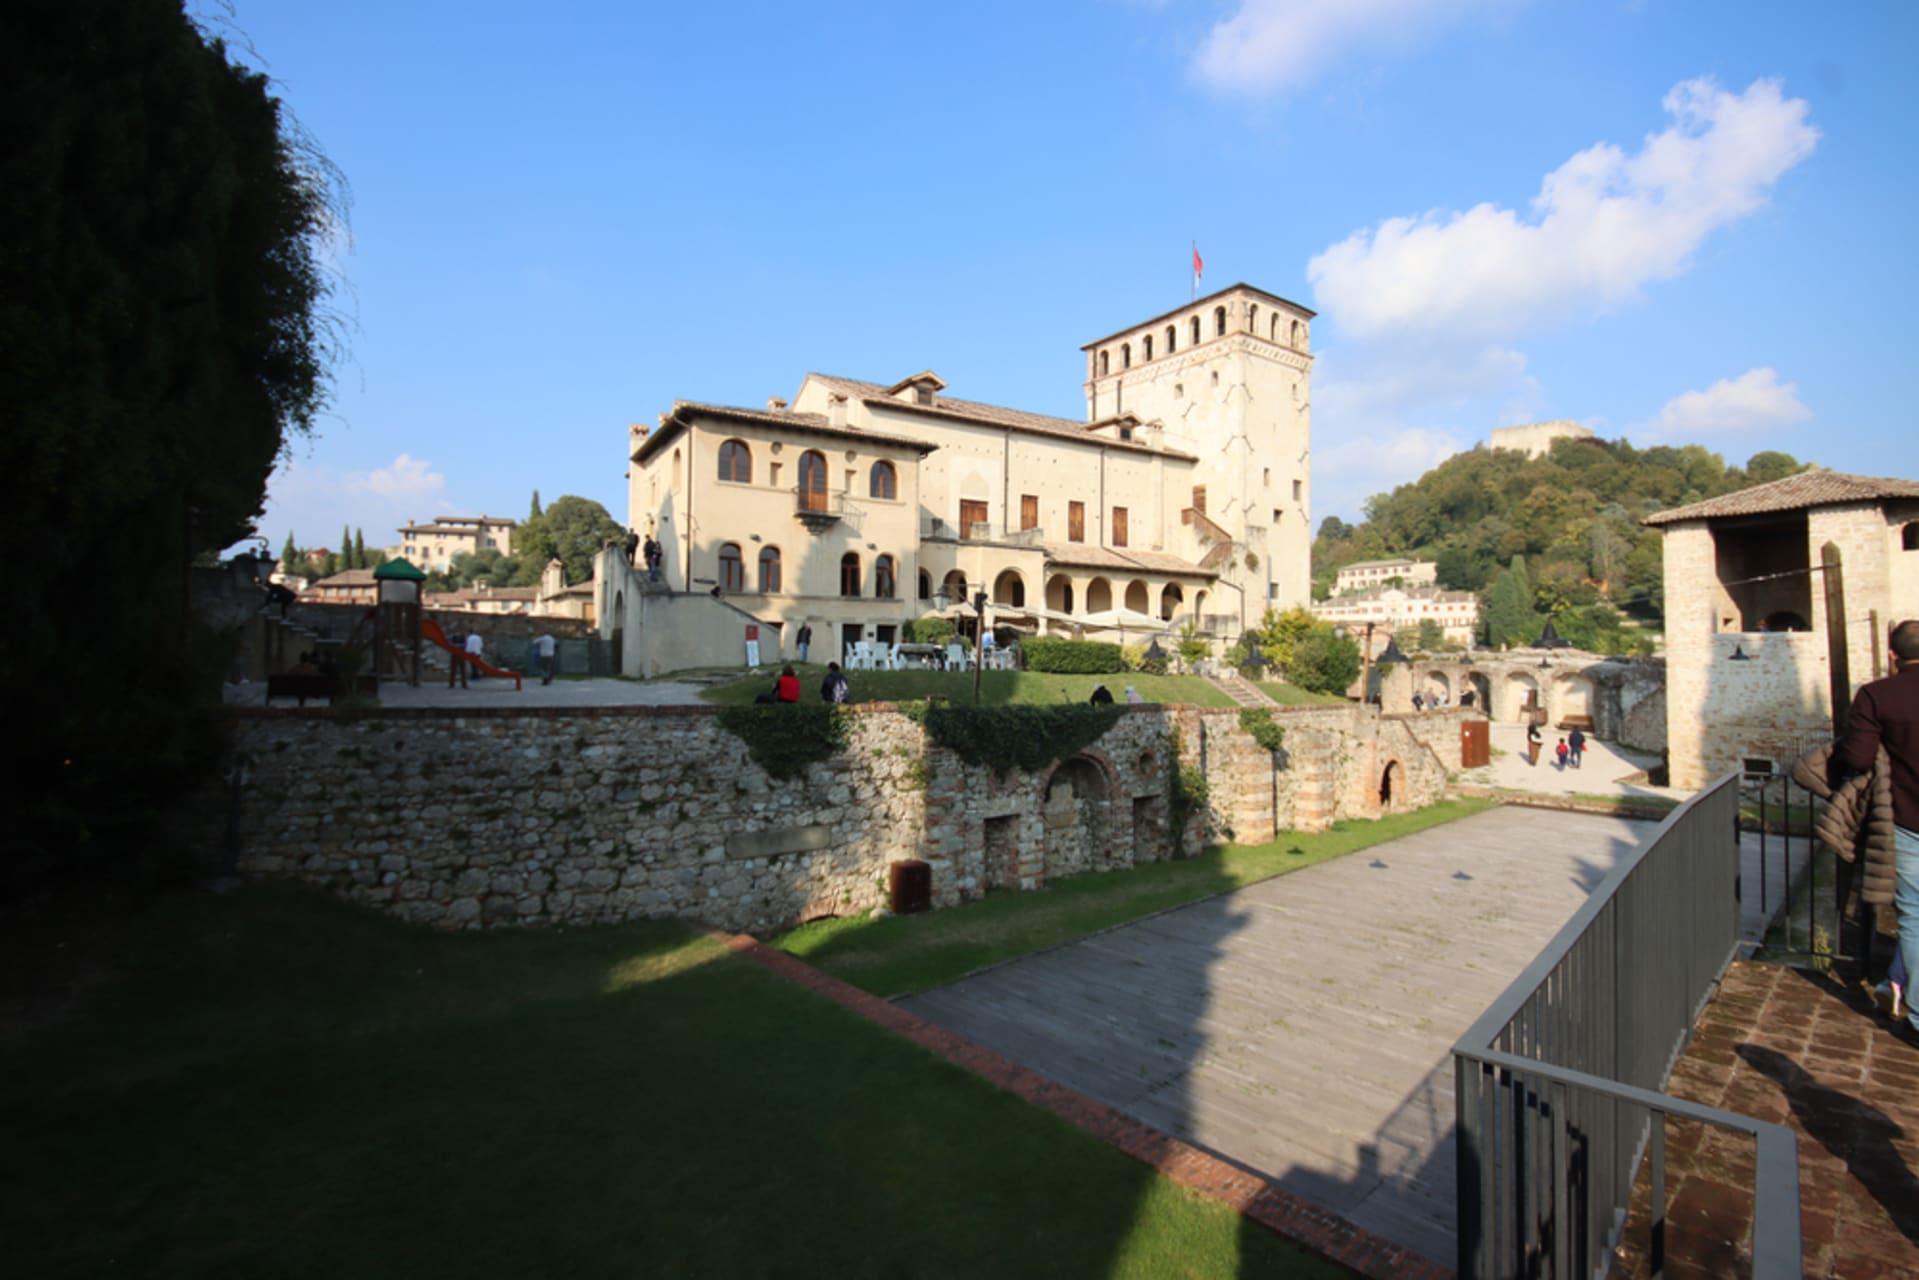 Veneto - The Love For Prosecco - Asolo Side